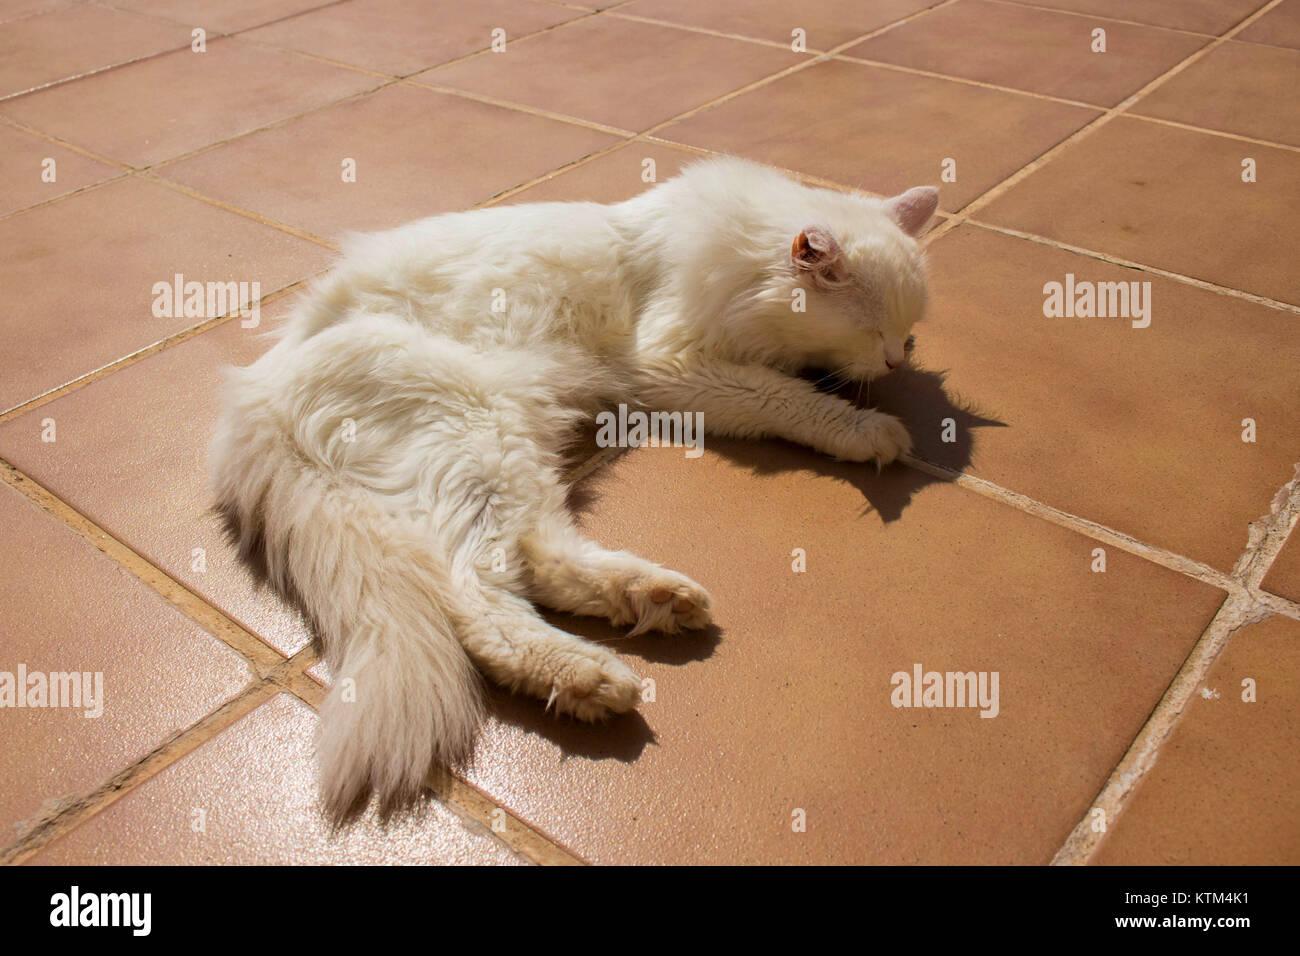 Young Persian Cat Kitten Stock Photos Young Persian Cat Kitten